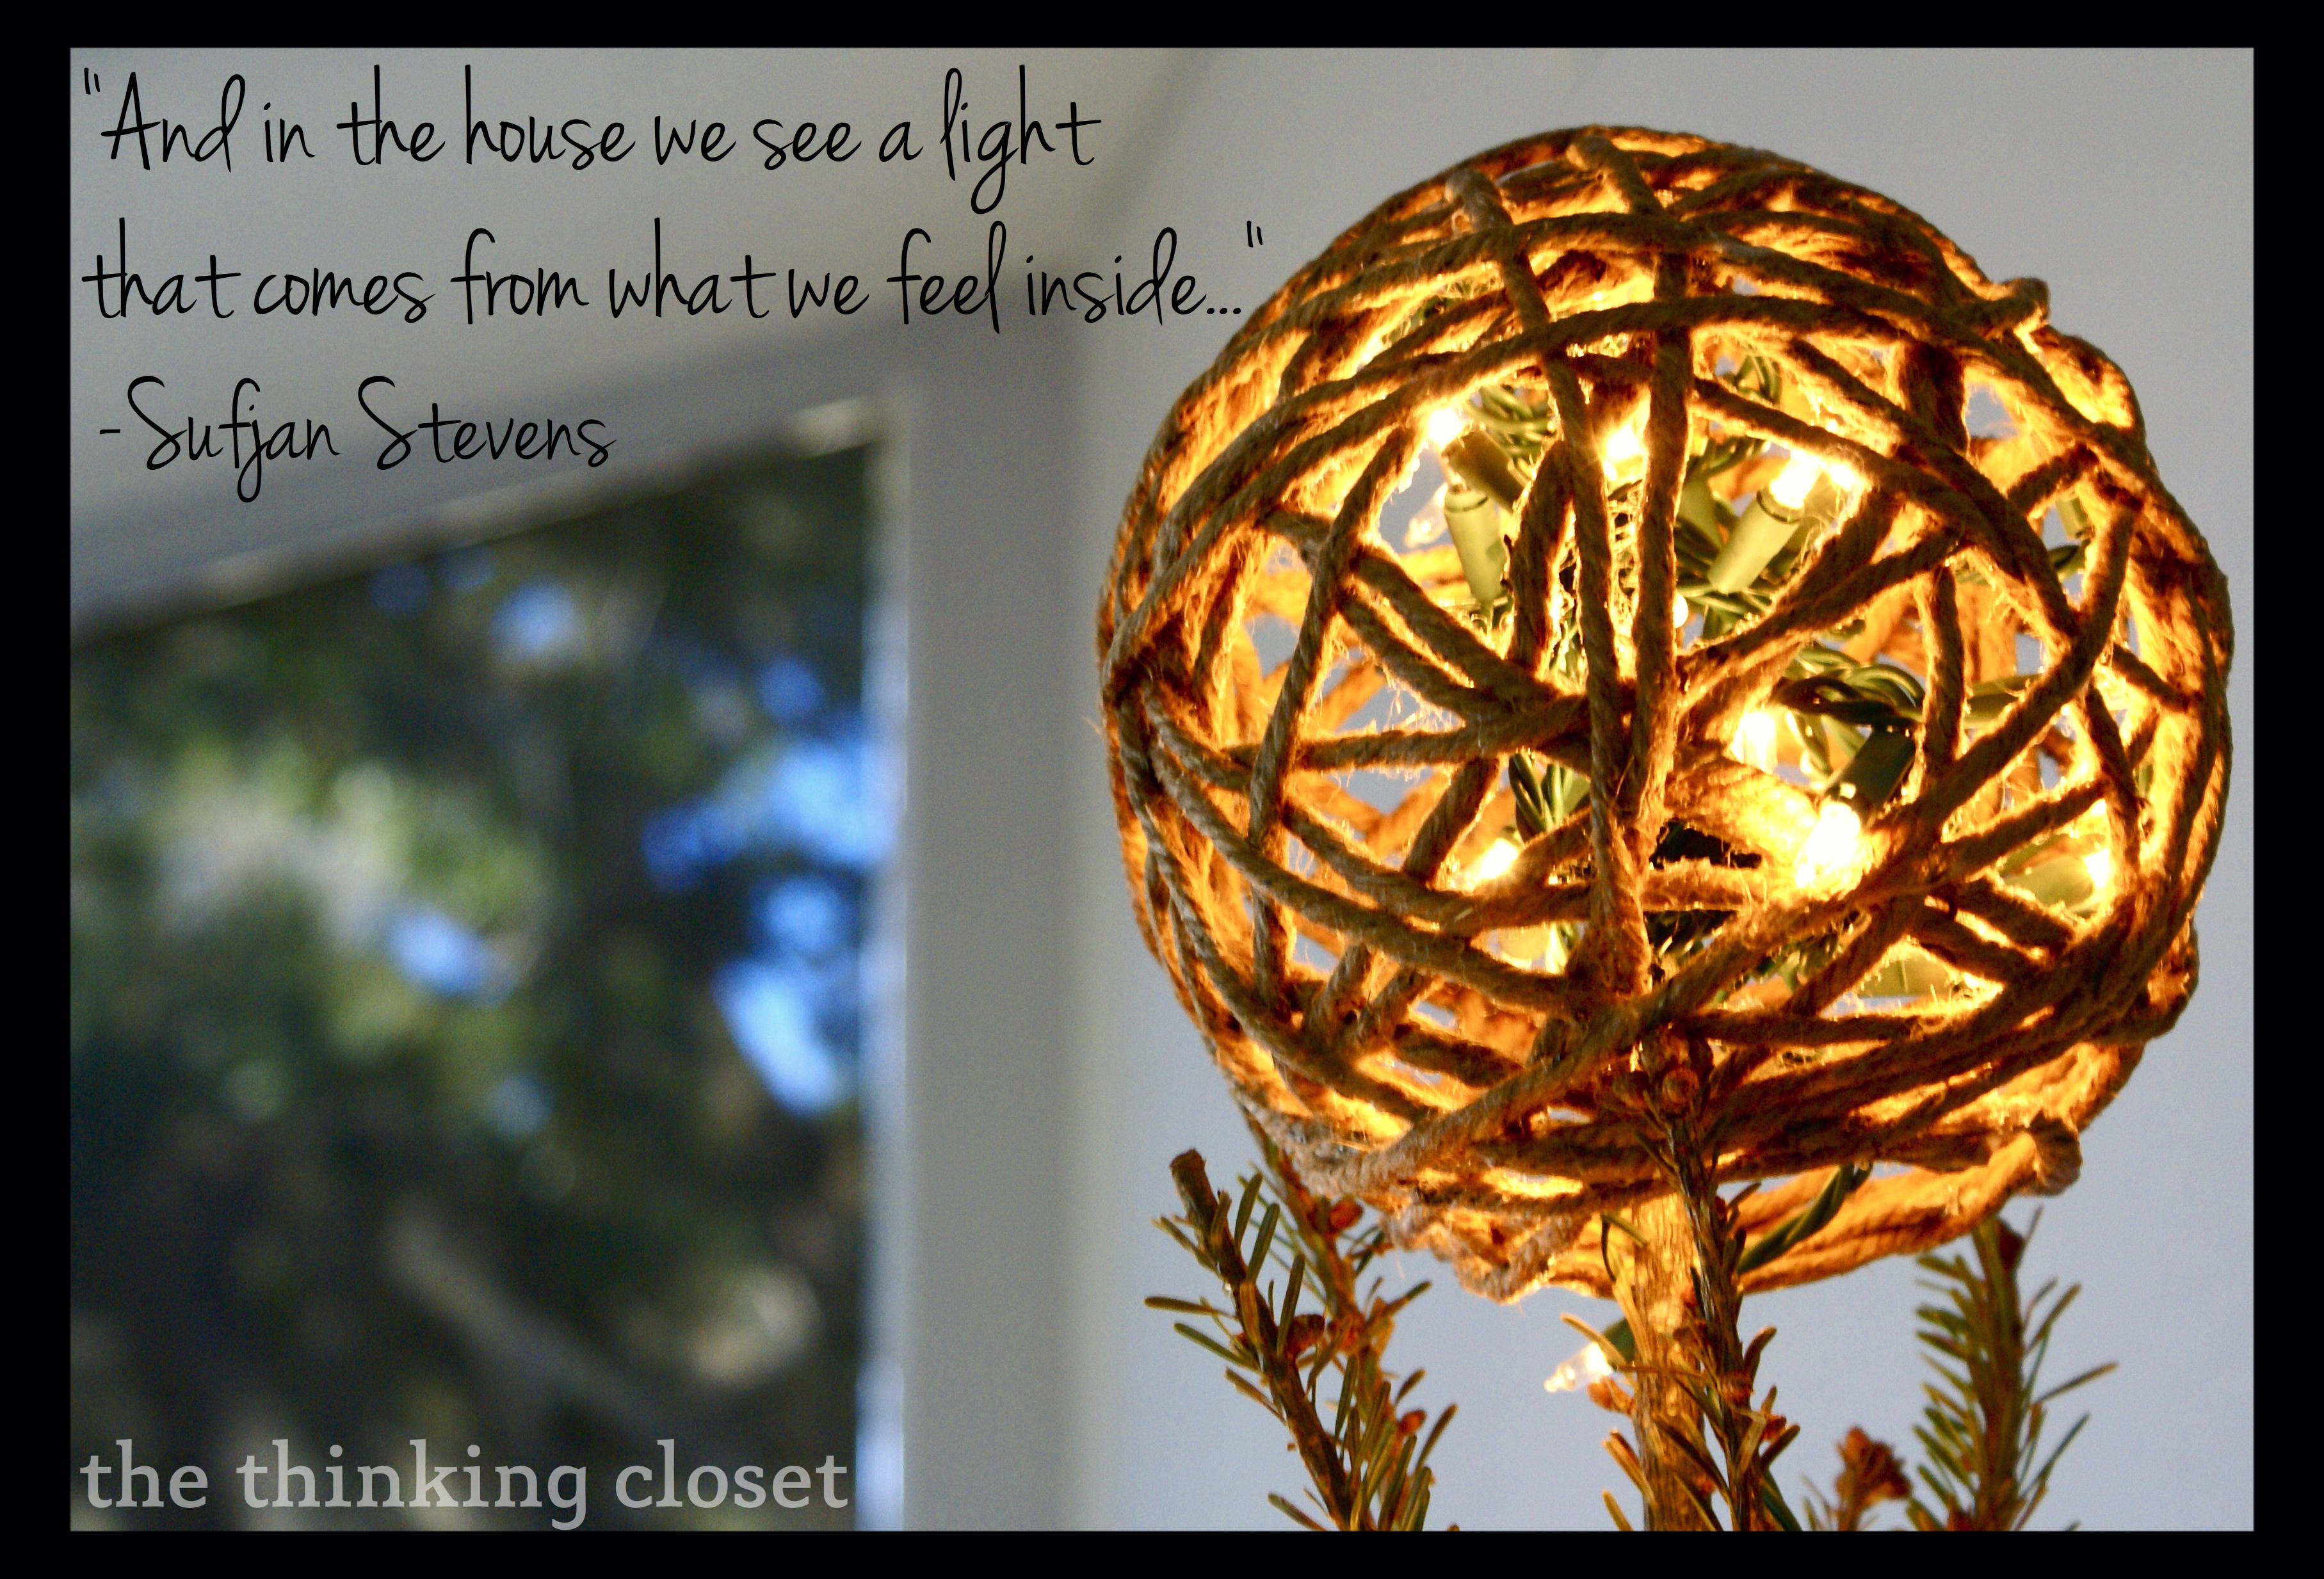 Sufjan Stevens's quote #6